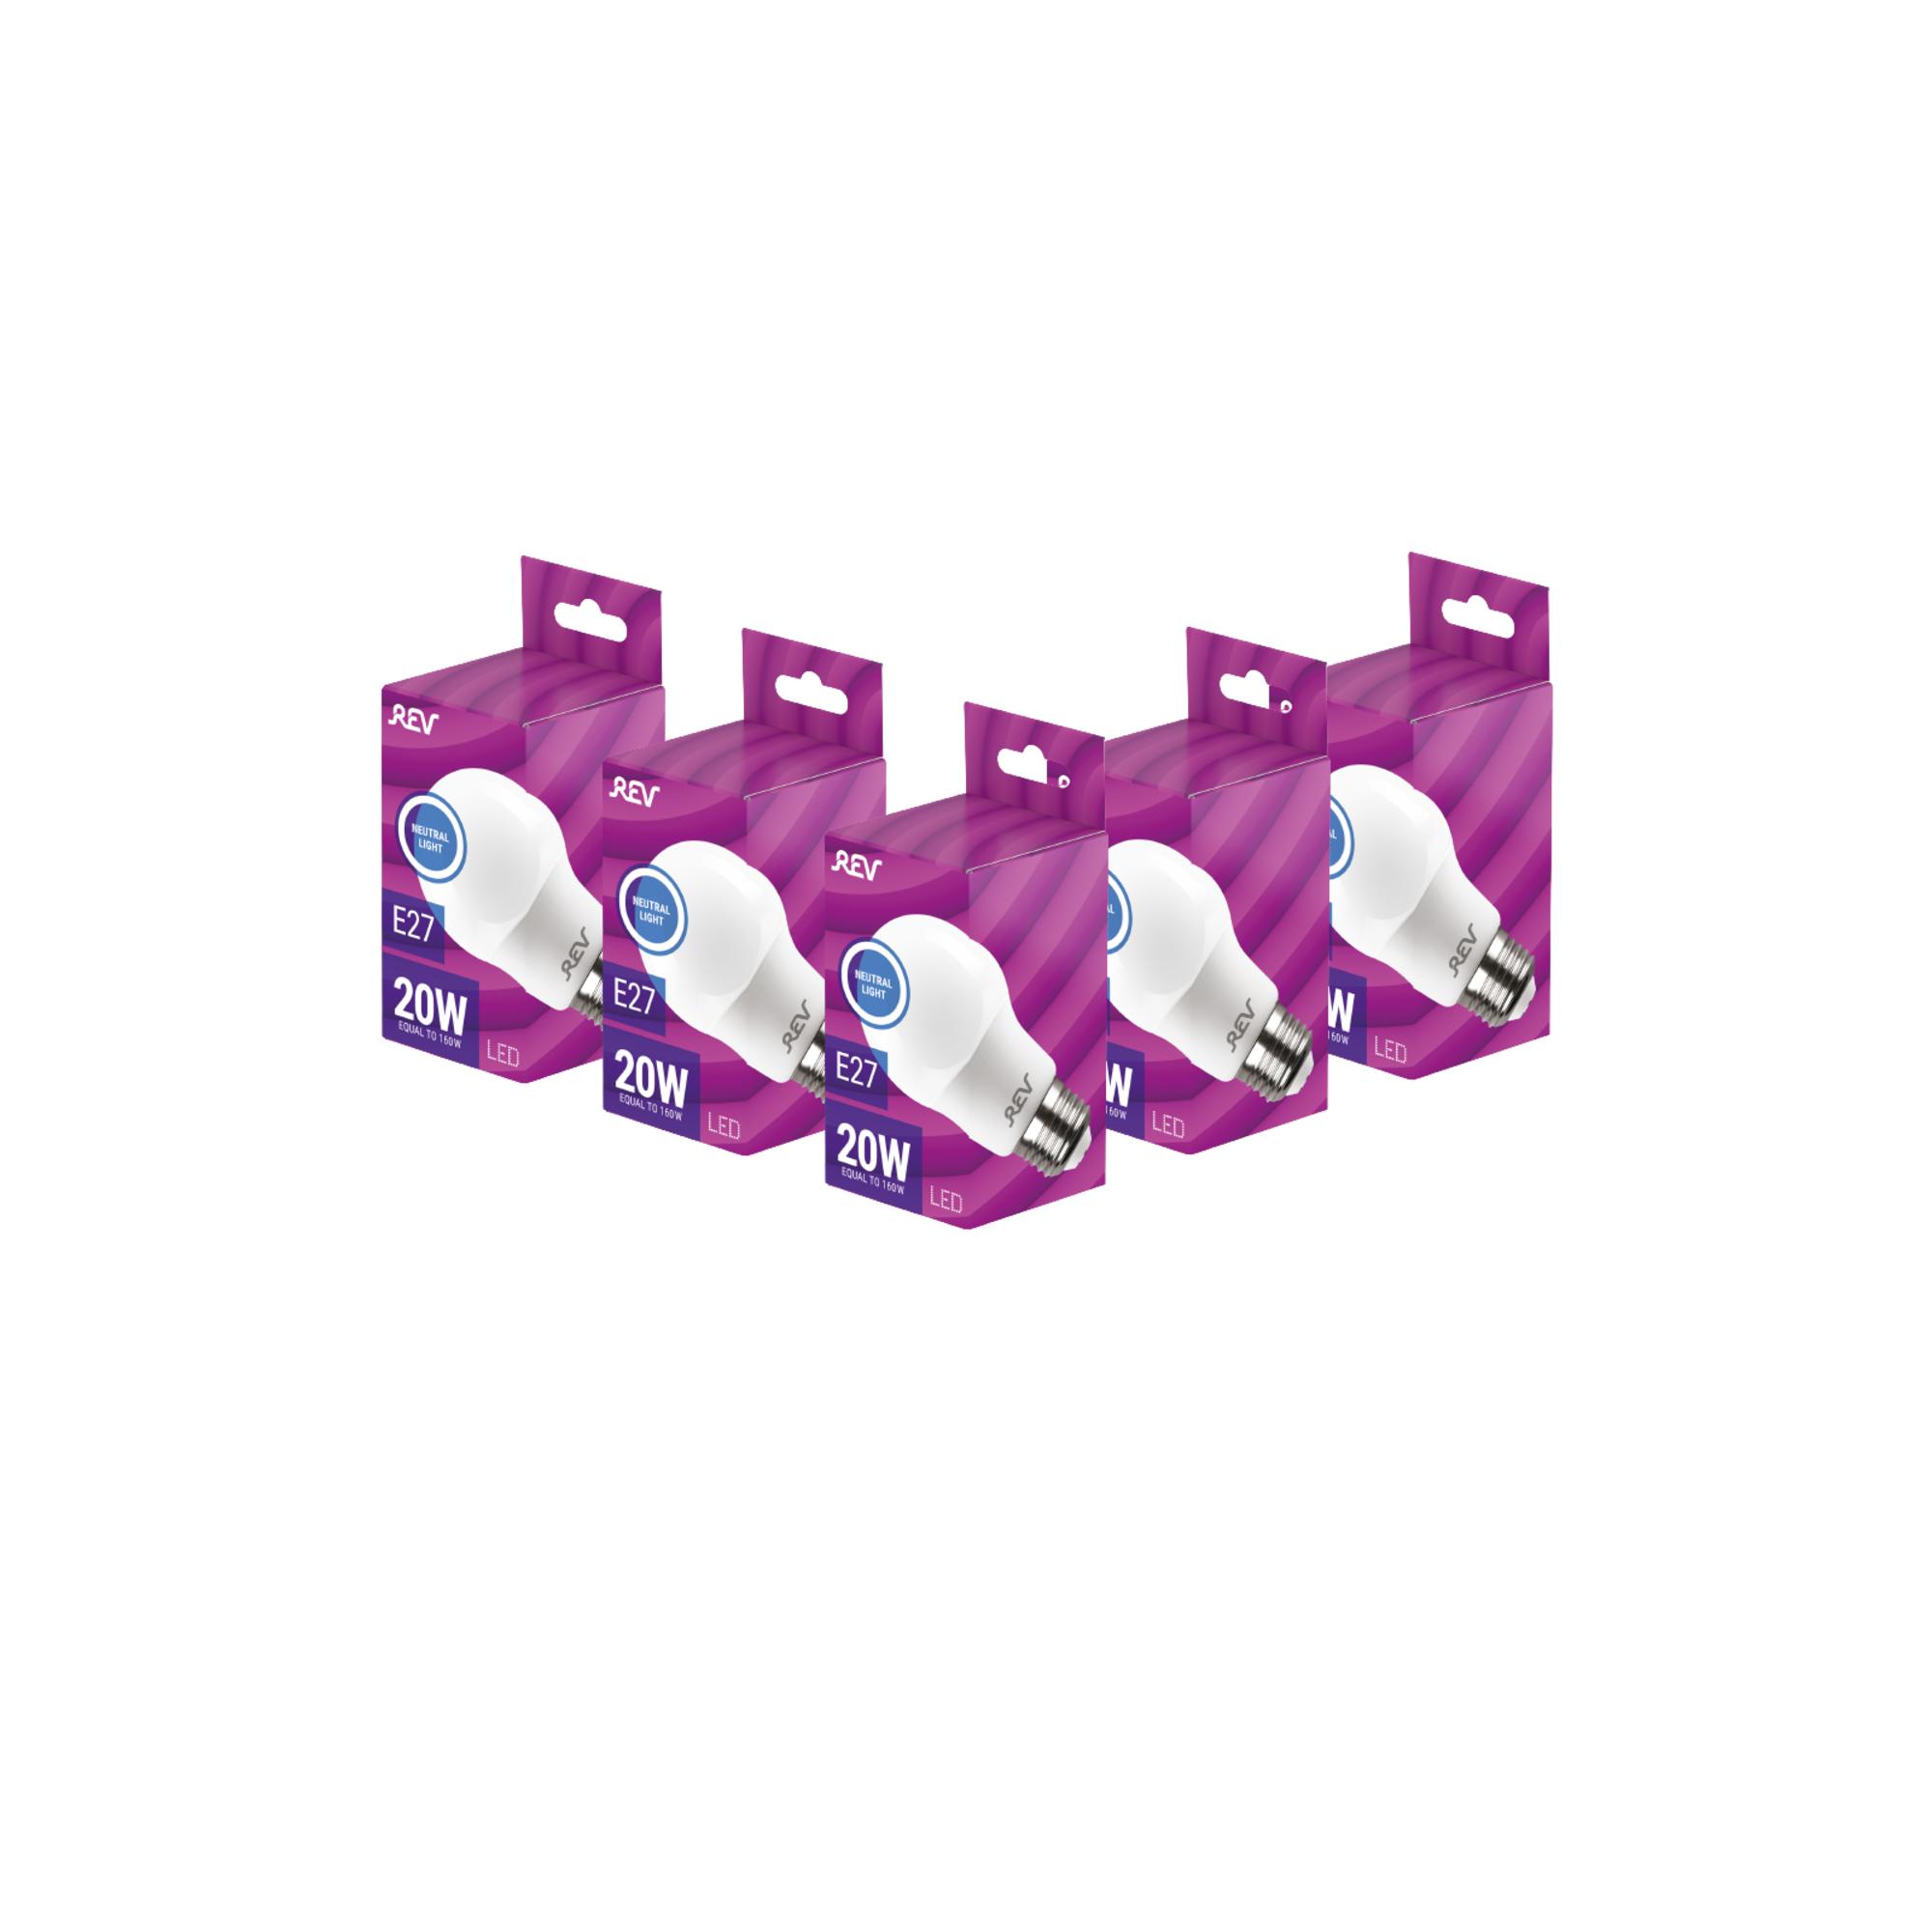 Лампа светодиодная (комплект 5 шт.) REV A60 Е27 20W 4000K 32405 8